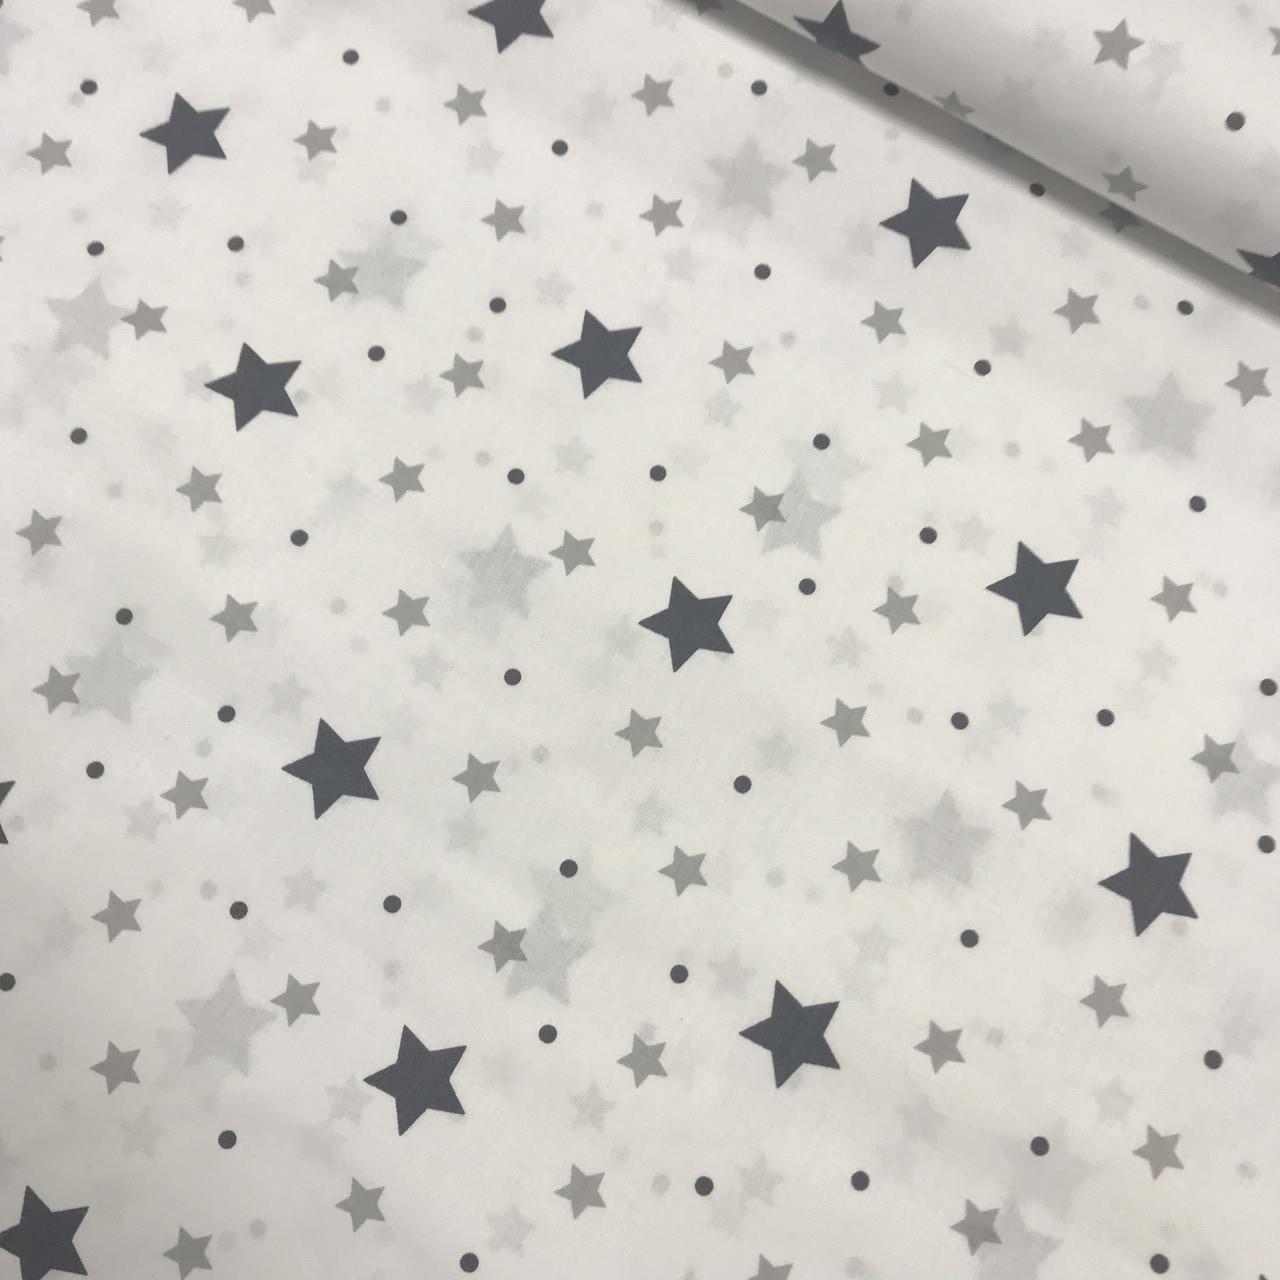 Хлопковая ткань белые крупные и мелкие звезды серые и графитовые на белом